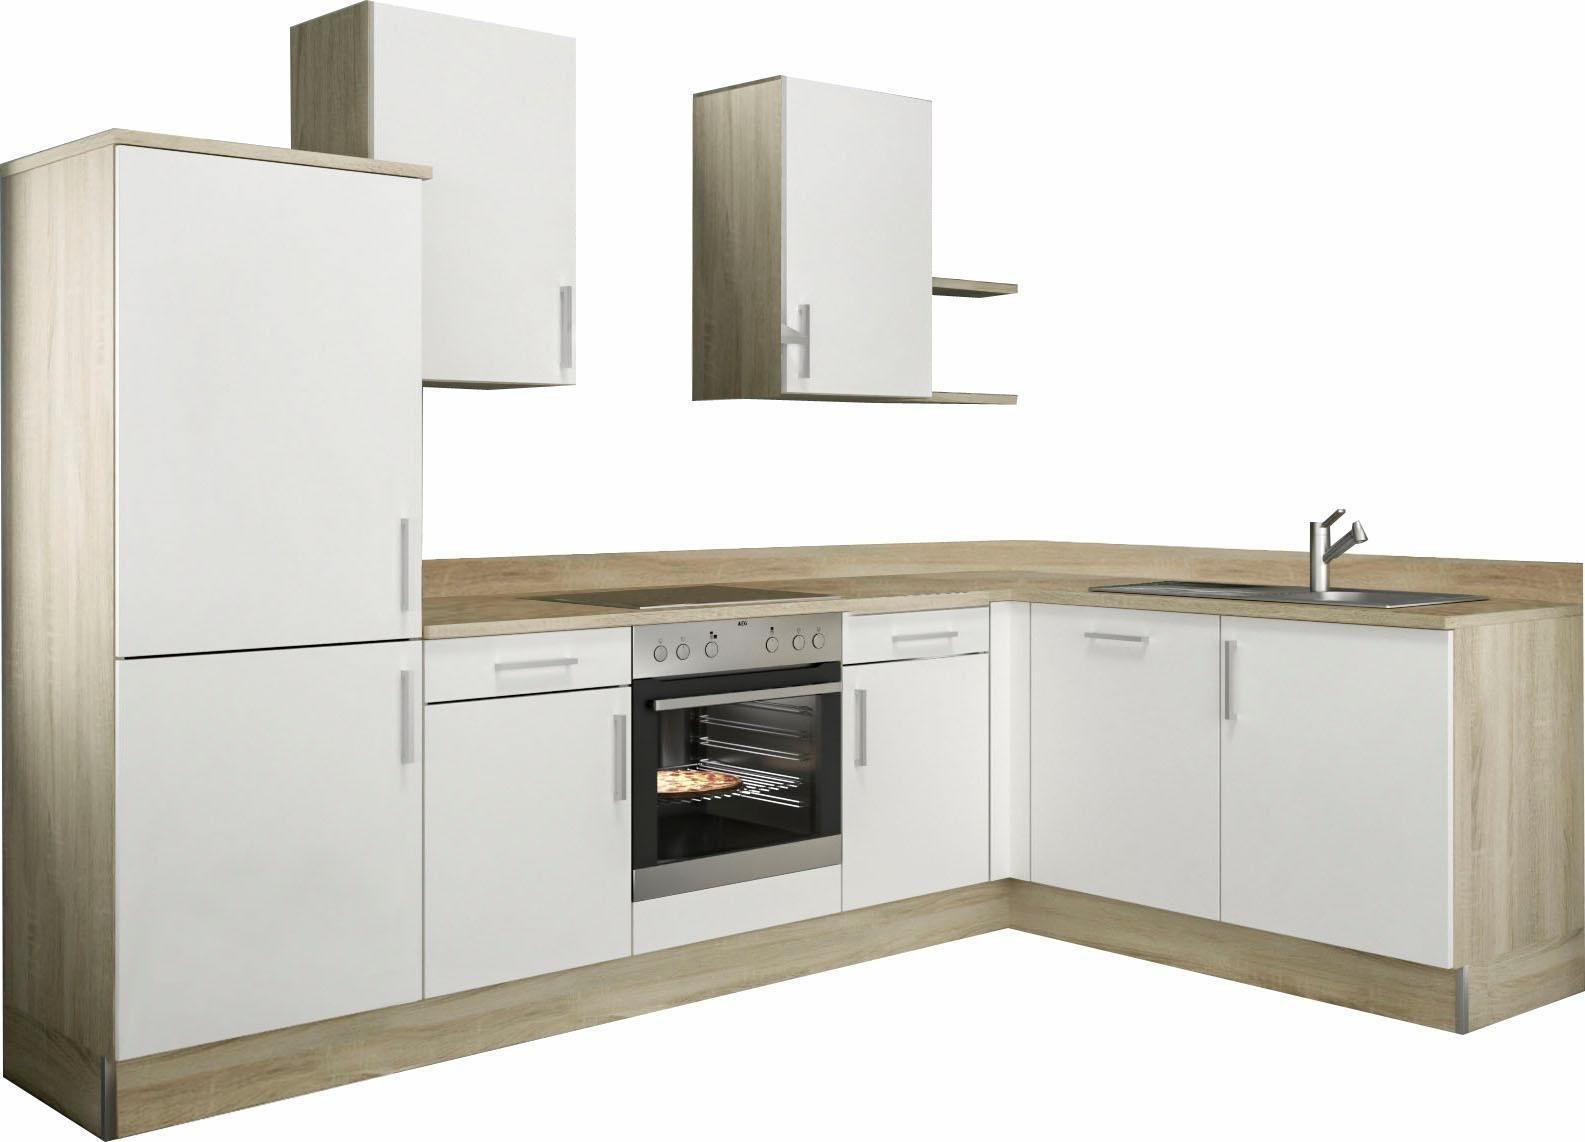 Basis Küchen dunkel mdf winkelküchen kaufen möbel suchmaschine